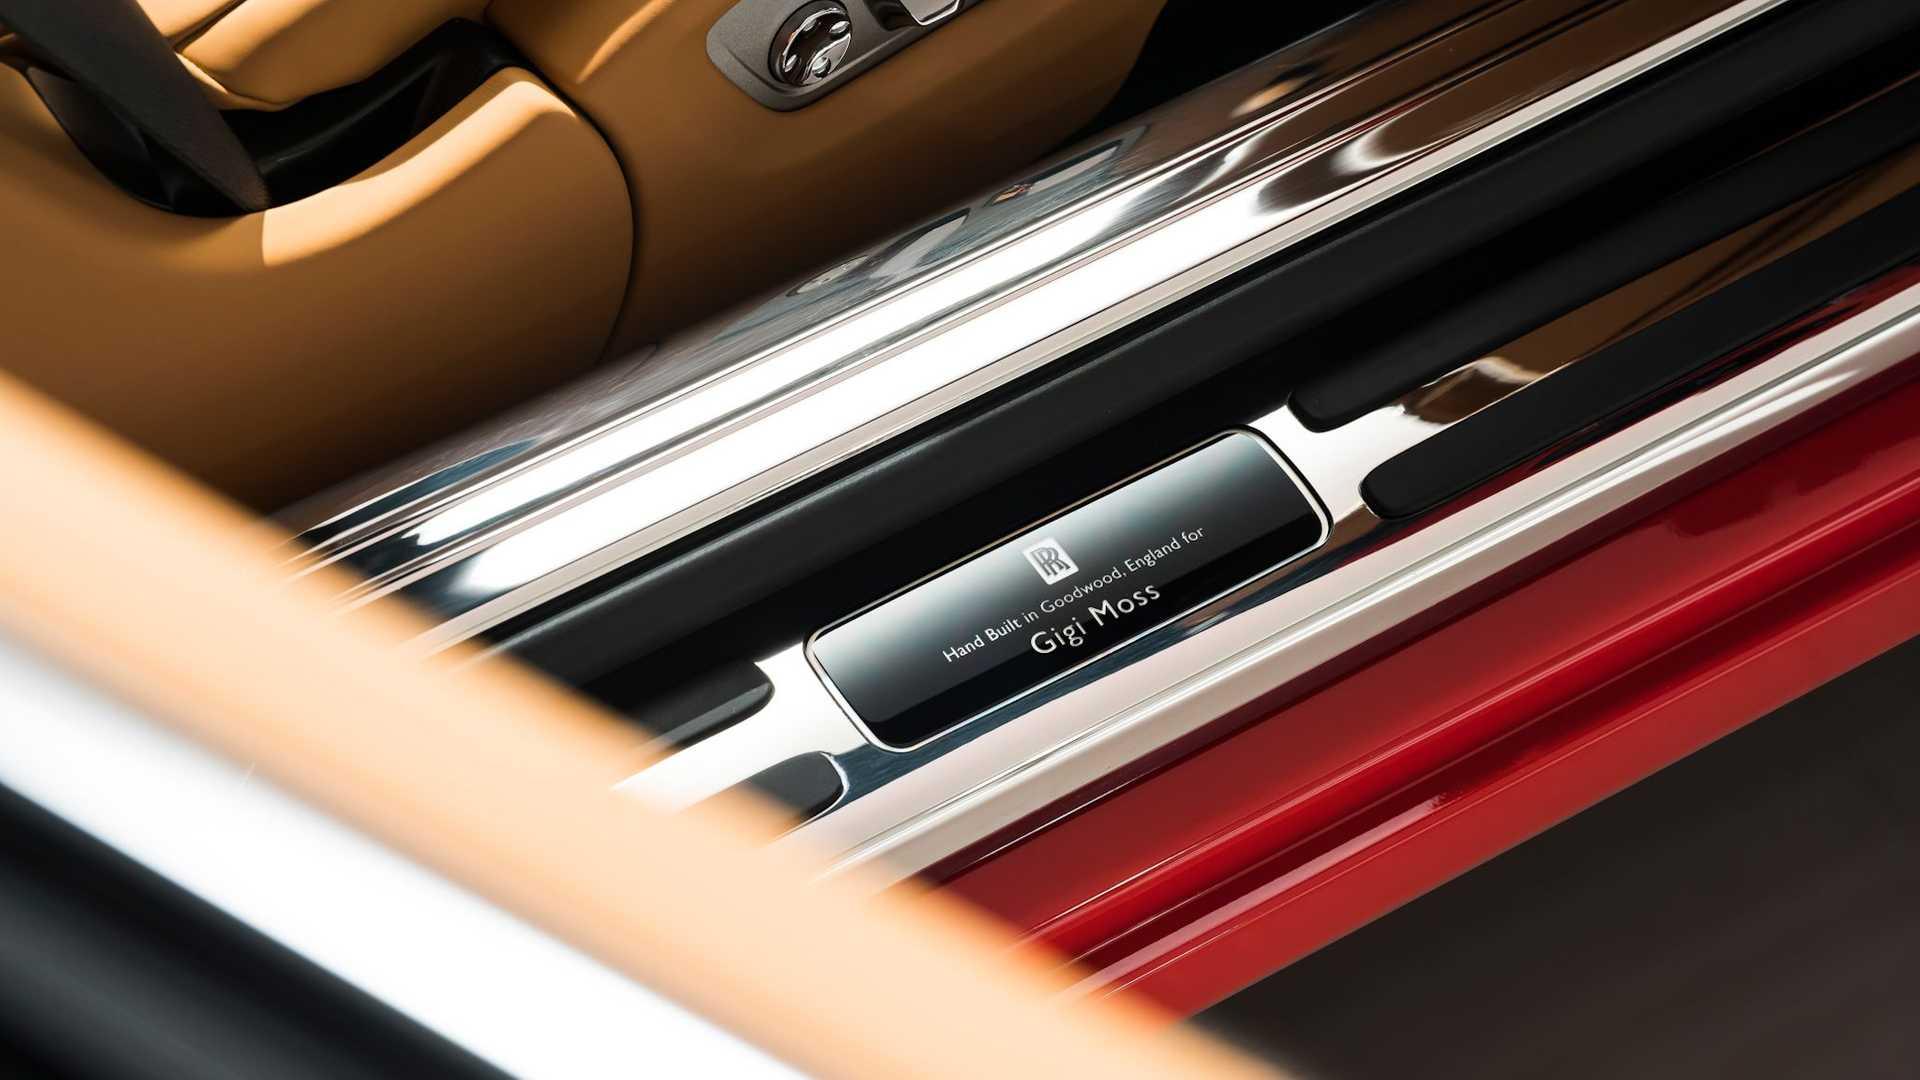 Bộ-đôi-Rolls-Royce-cá-nhân-hóa-kỷ-niệm-dịp-đặc-biệt-của-chủ-nhân (2).jpg